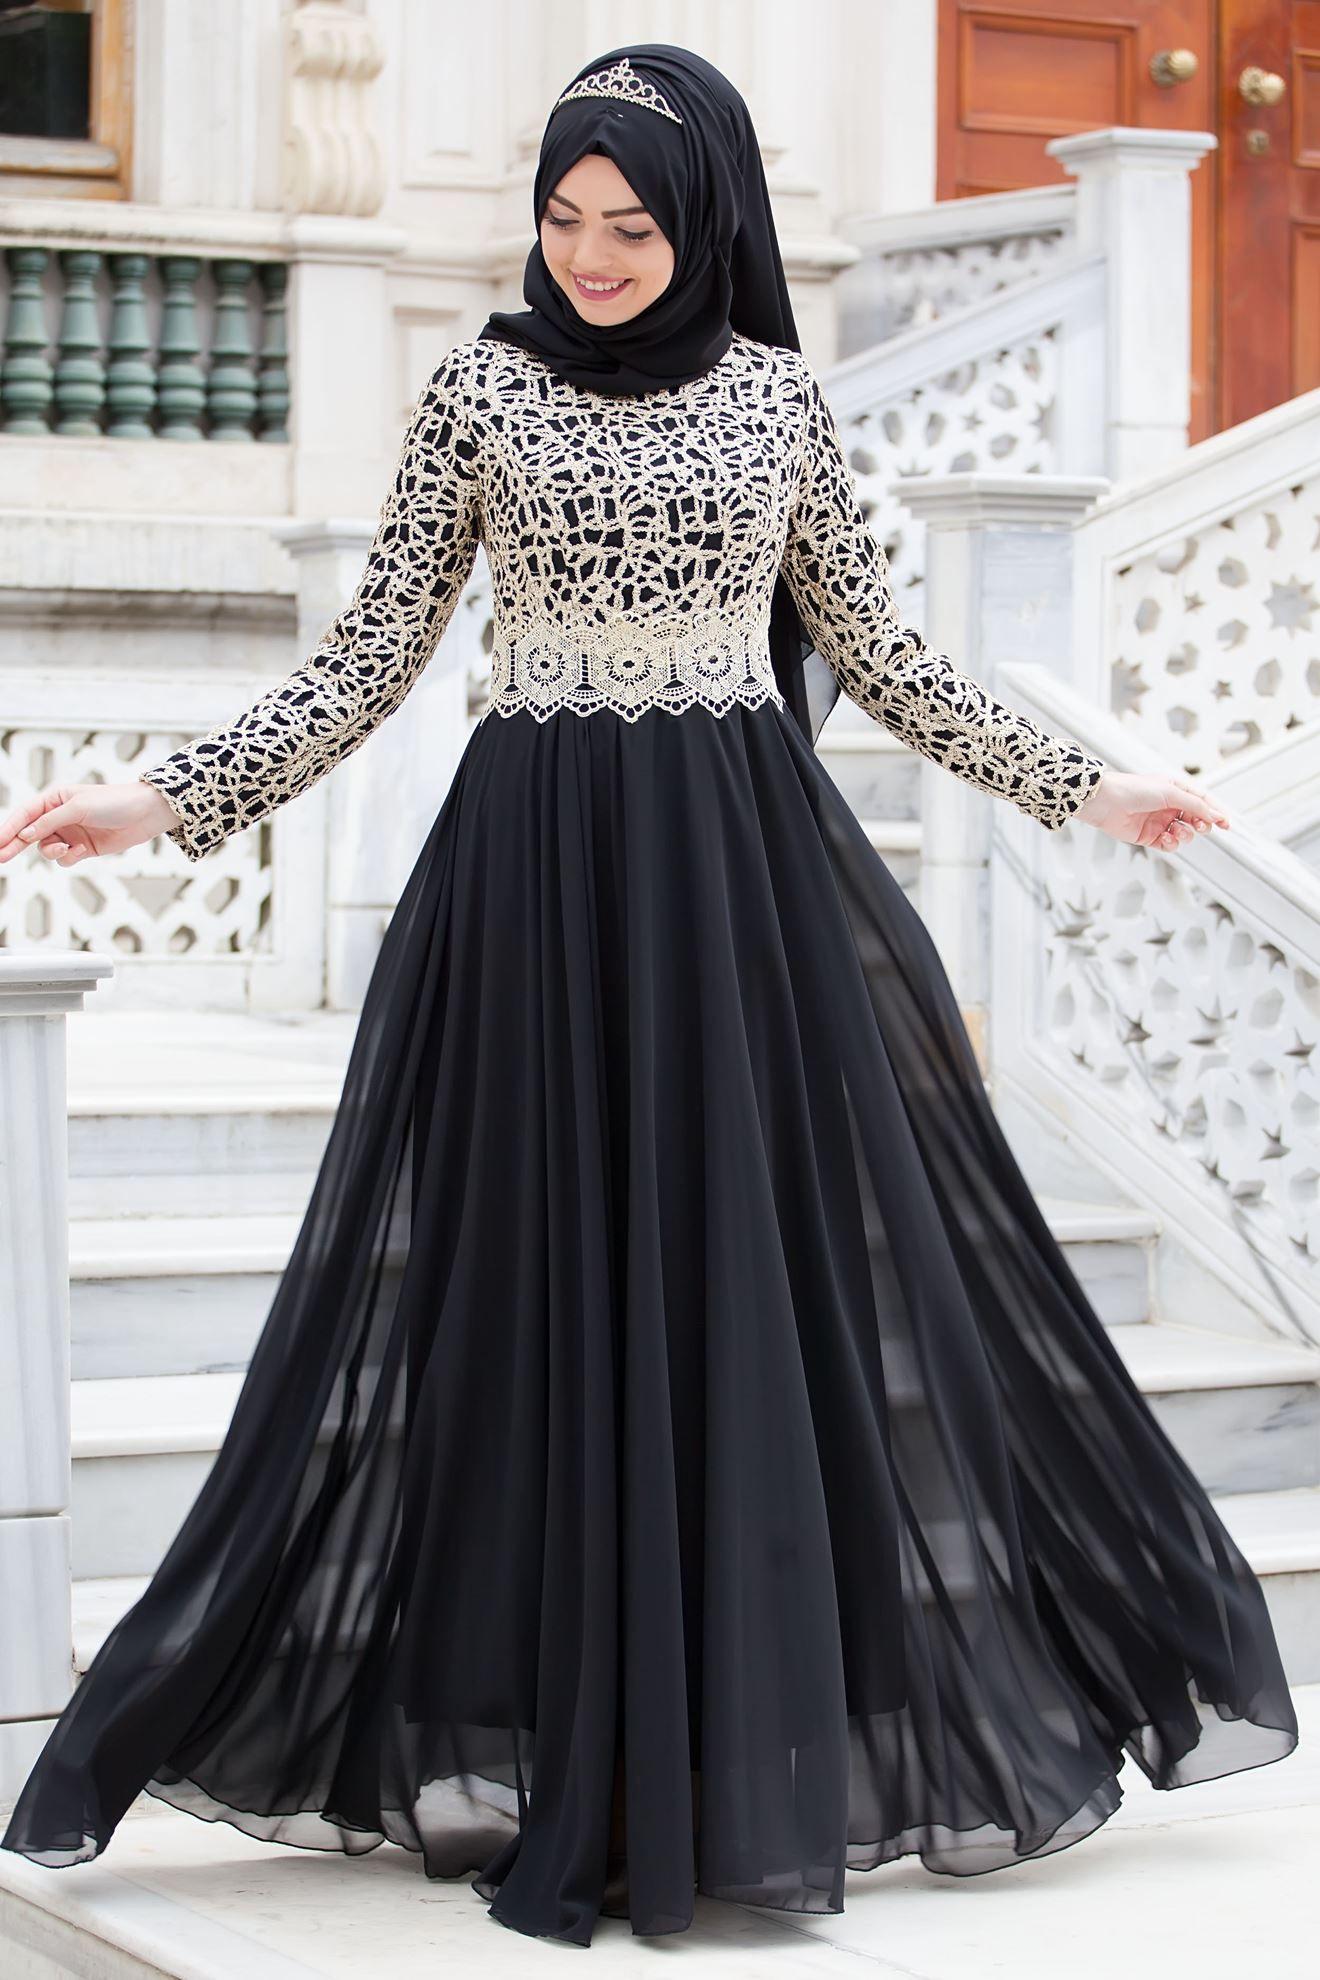 96c4673ef2e03 2018 Sedanur Tesettür Abiye Modelleri | Tesettür | Moda, Giyim ...